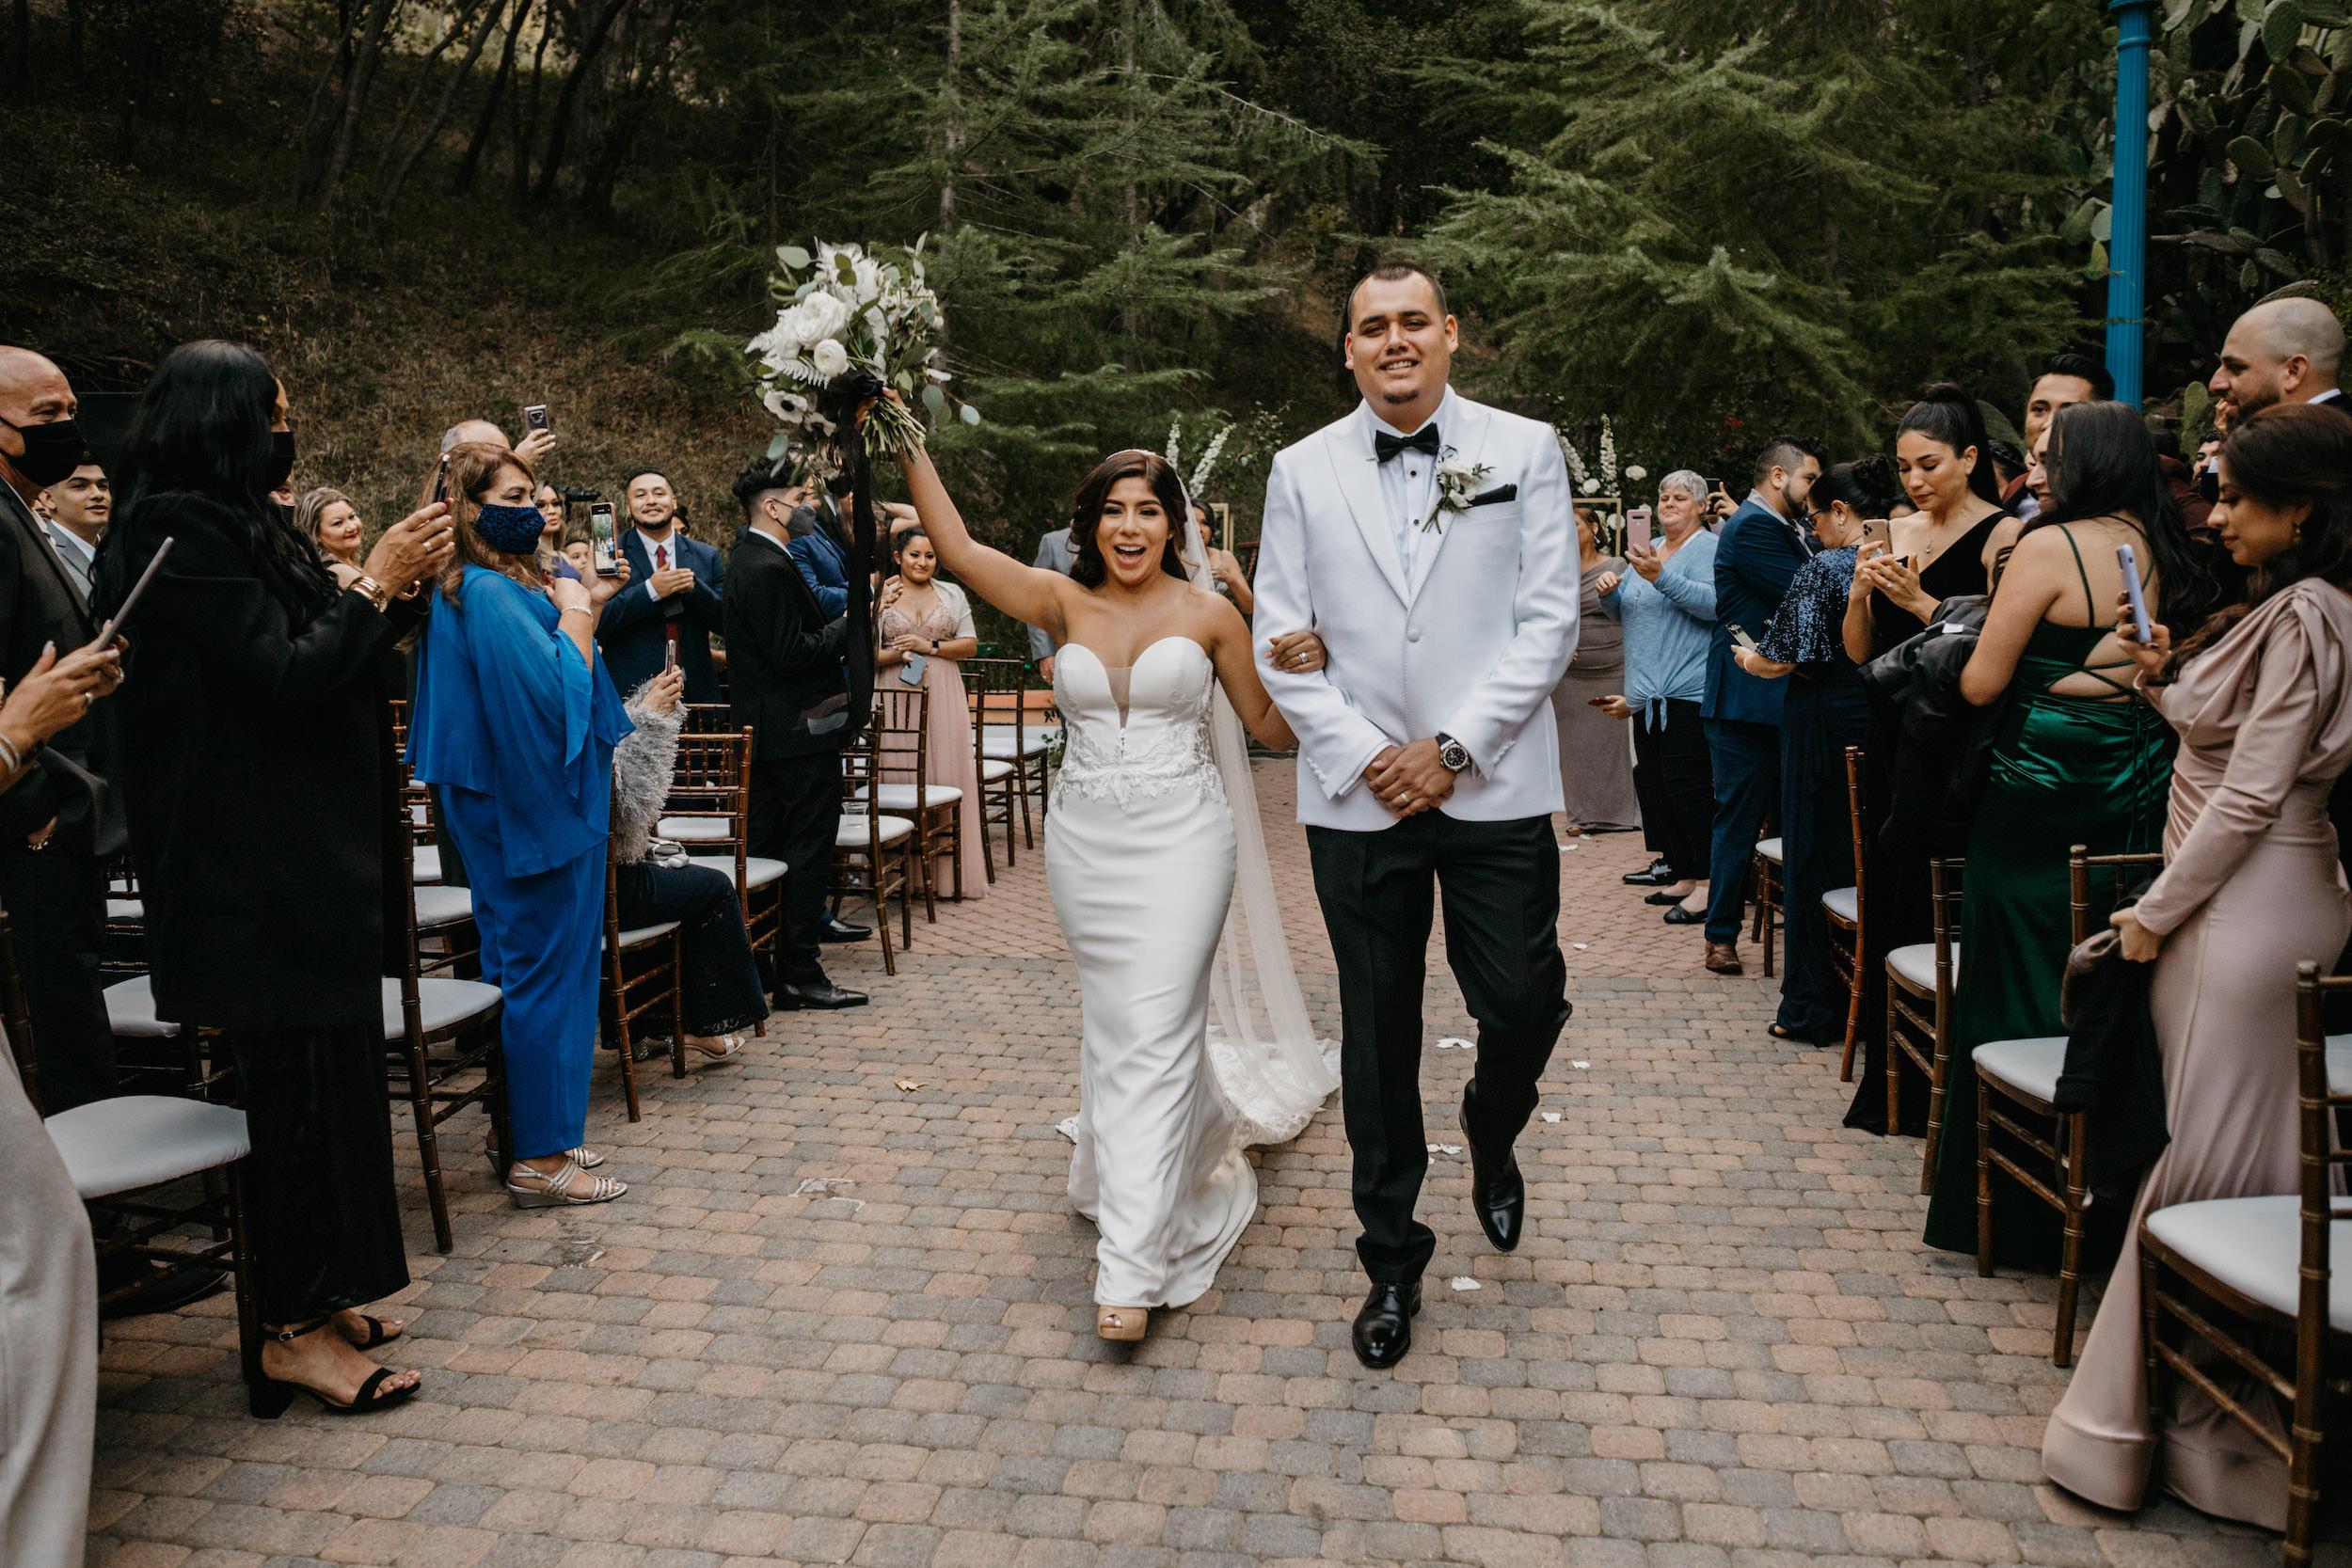 Rancho Las Lomas Wedding Ceremony, image by Fatima Elreda Photo